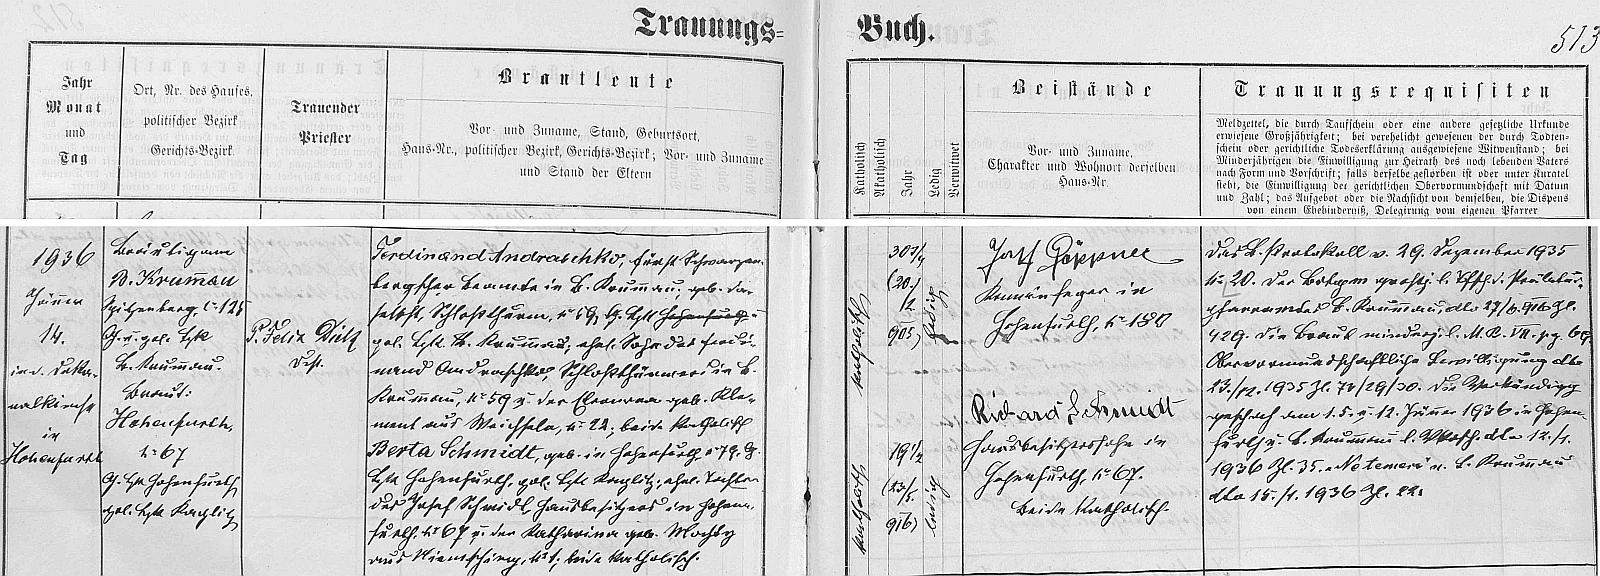 Záznam jeho vyšebrodské svatbě s Bertou Schmidtovou 14. ledna 1936